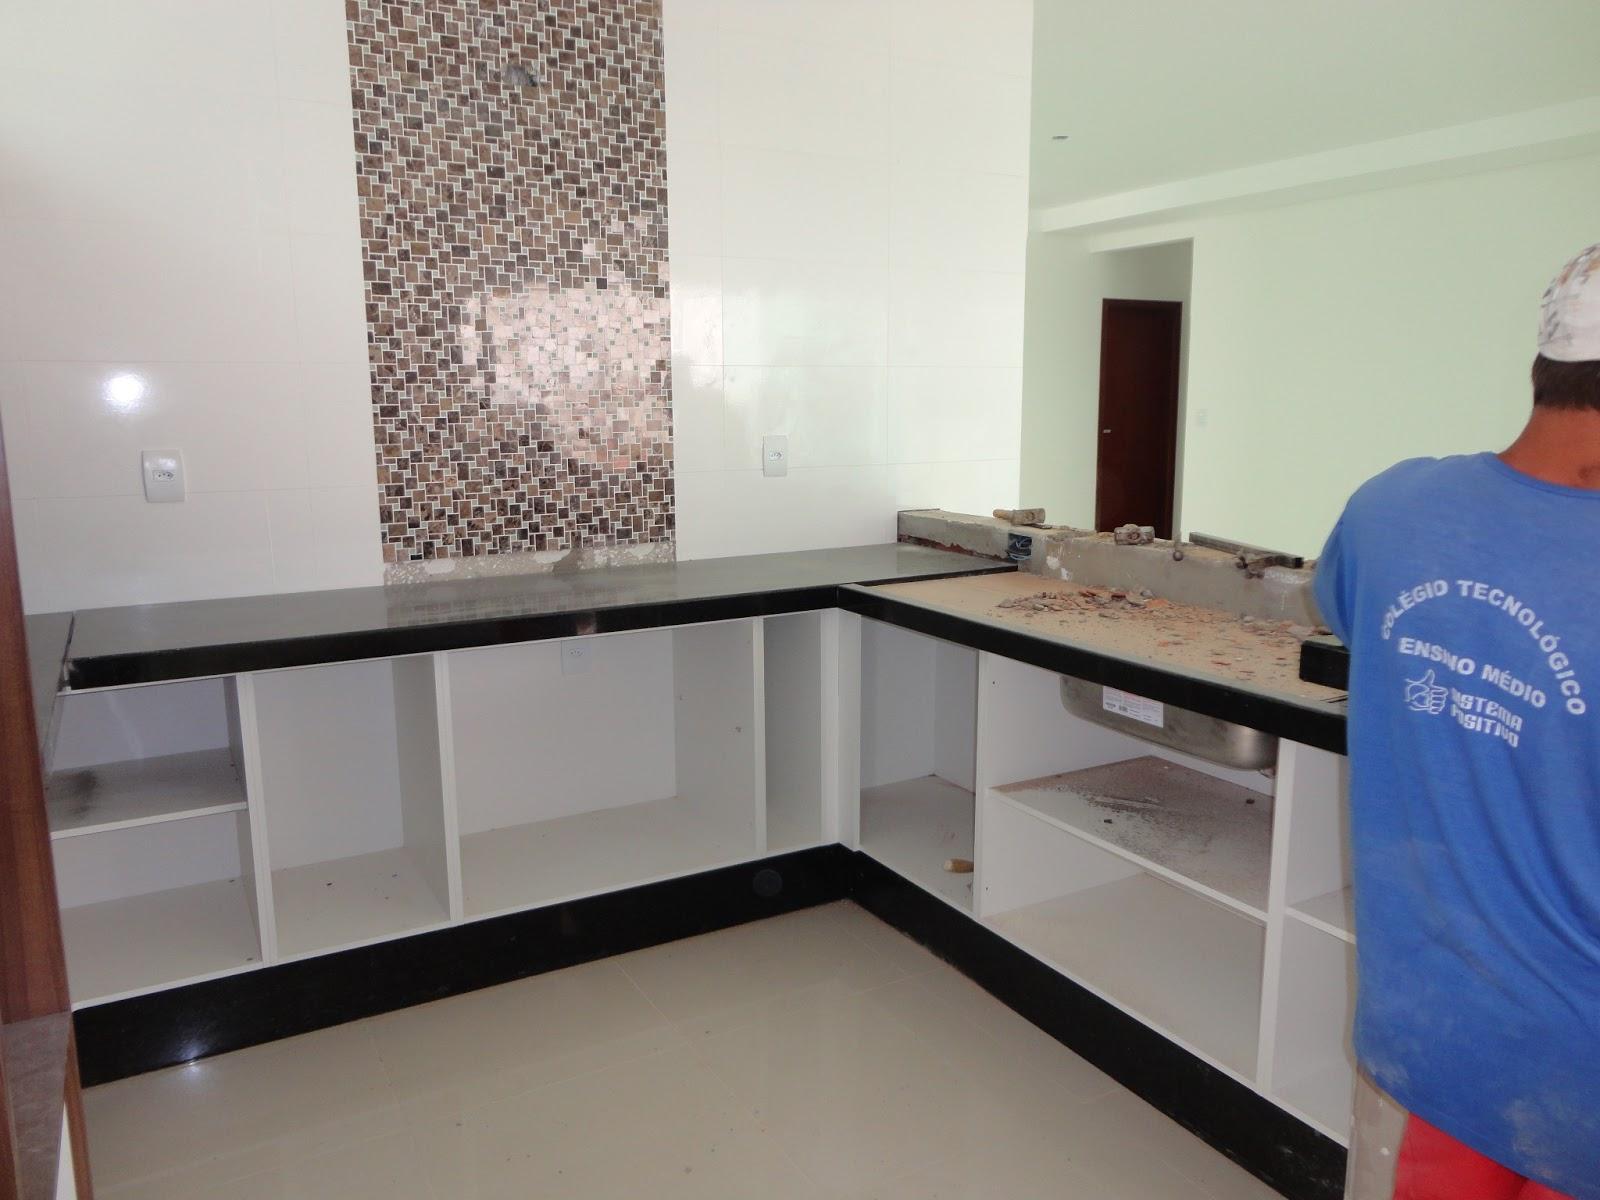 nossa casa nosso sonho : Cozinha gente como é difícil ver um  #314B8A 1600x1200